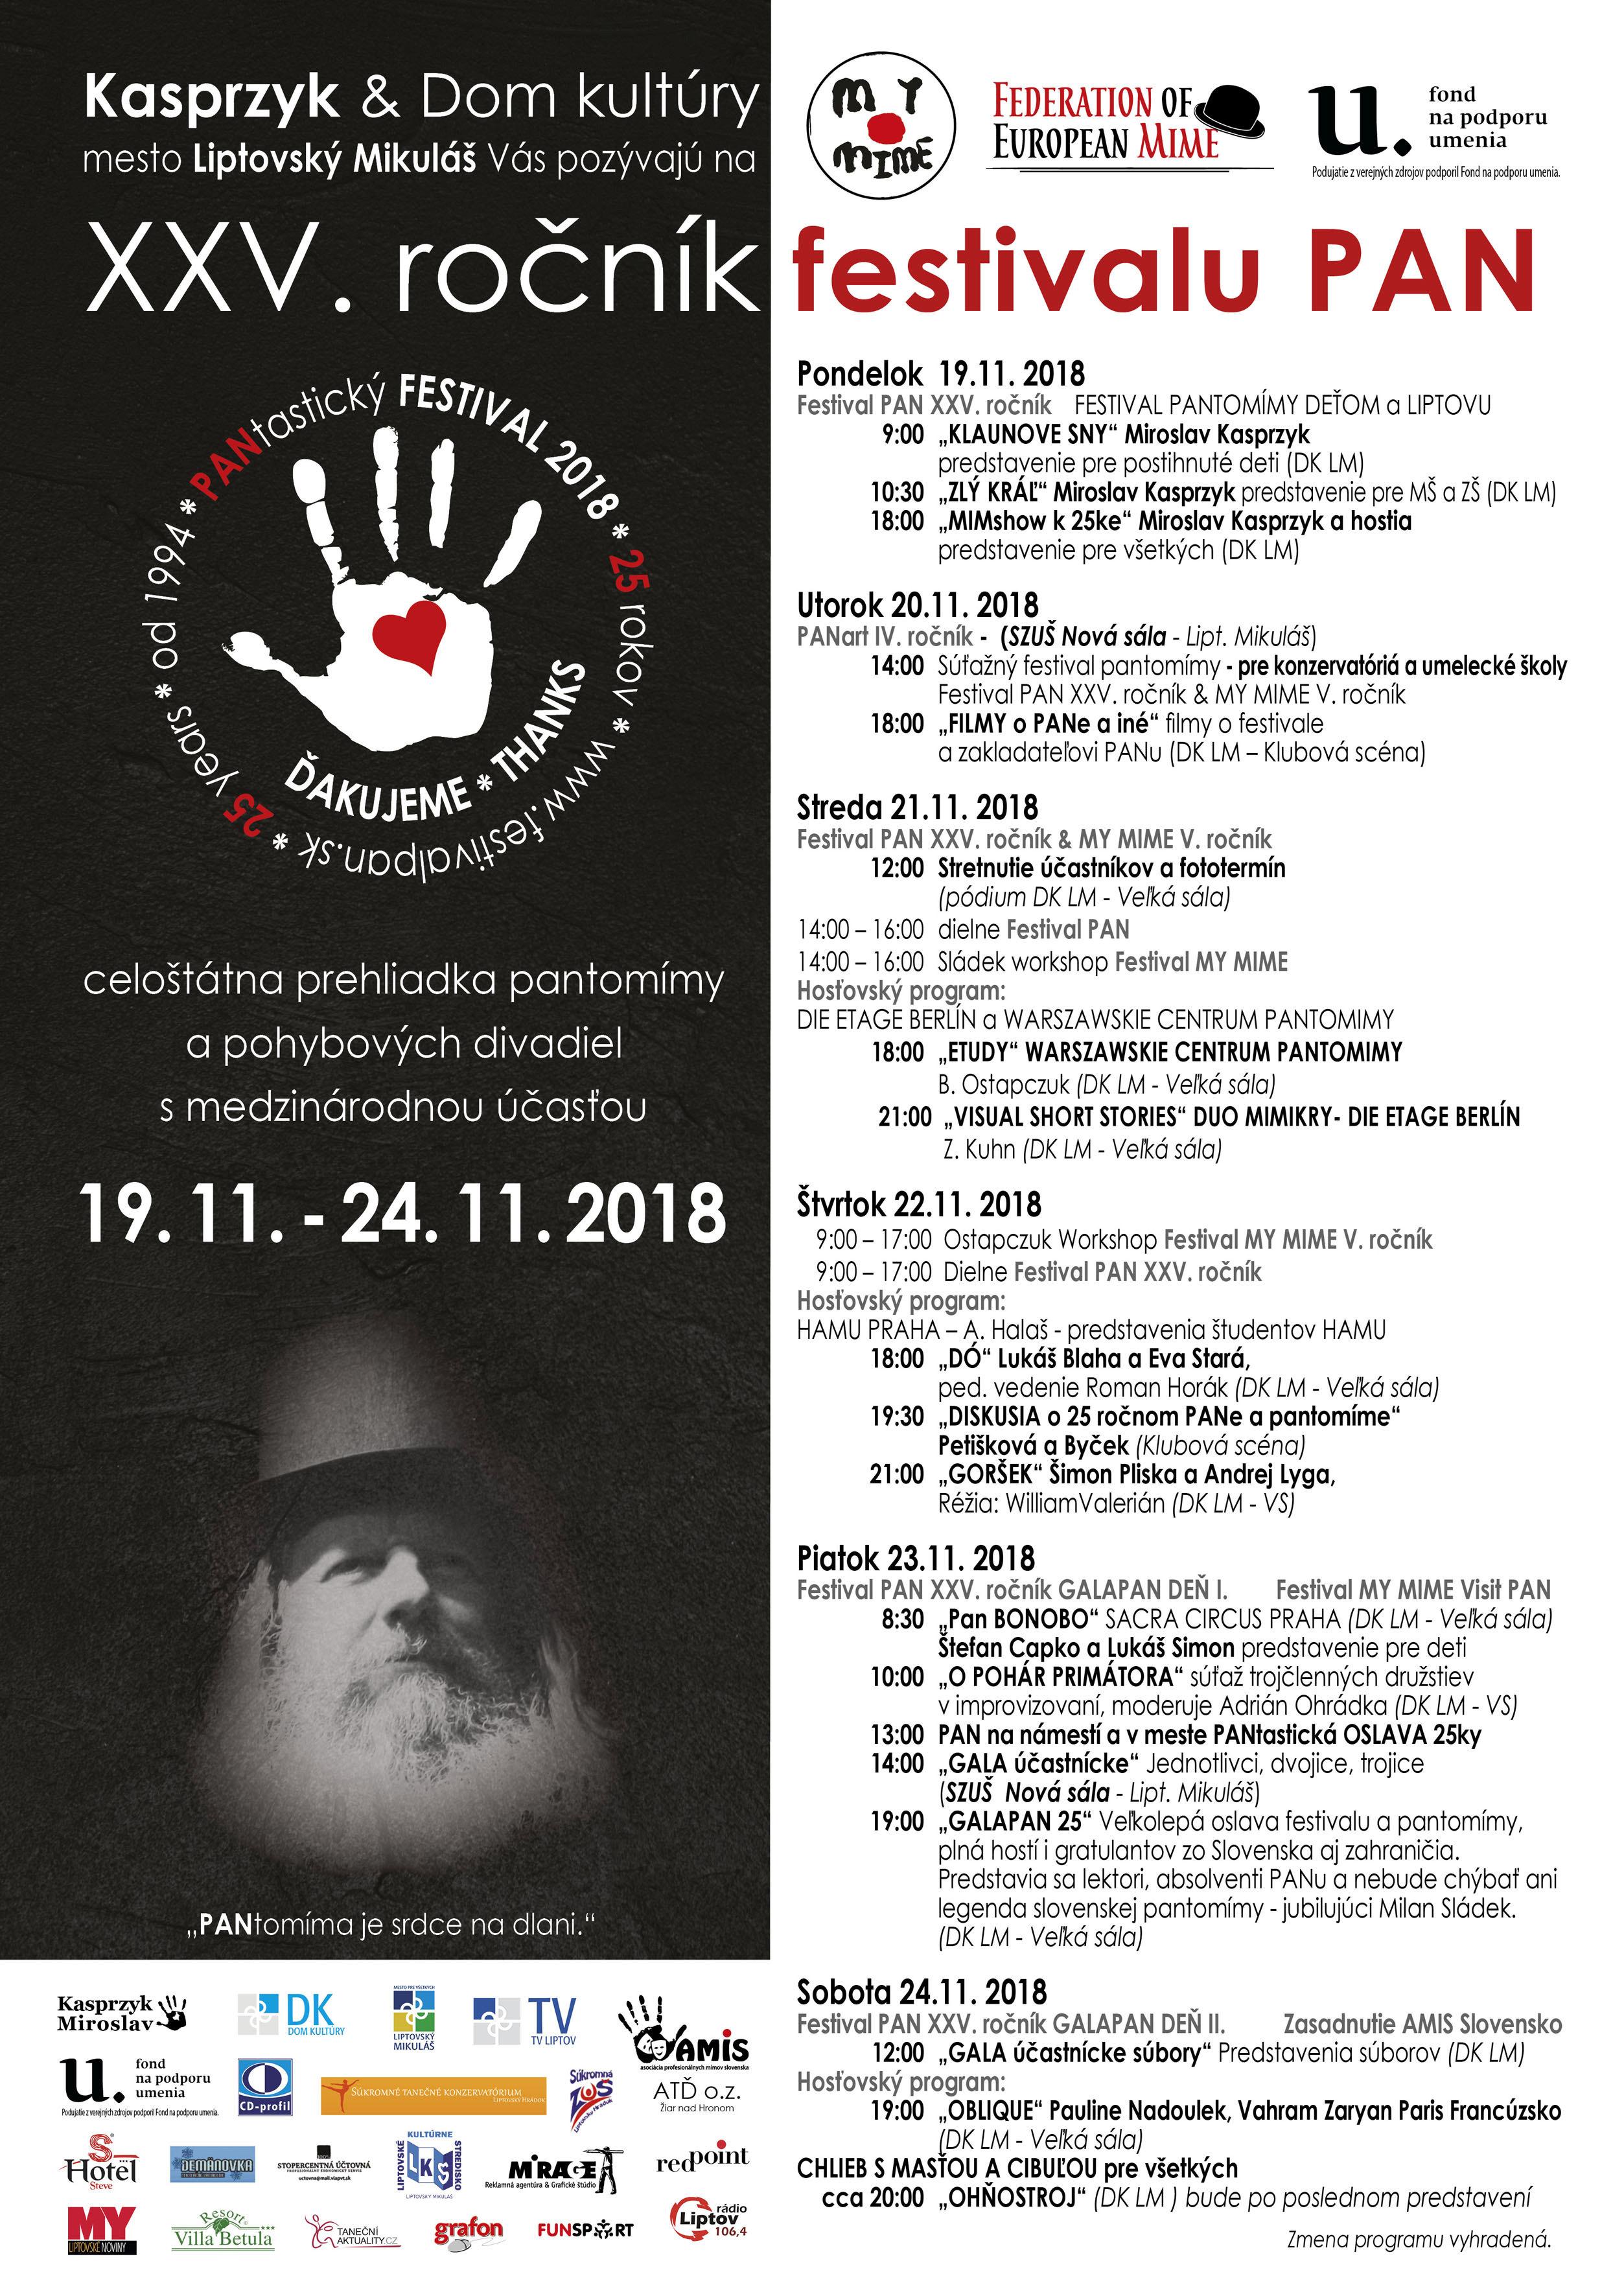 Jubilejný festival: Blahoželať prídu mímovia z celej Európy